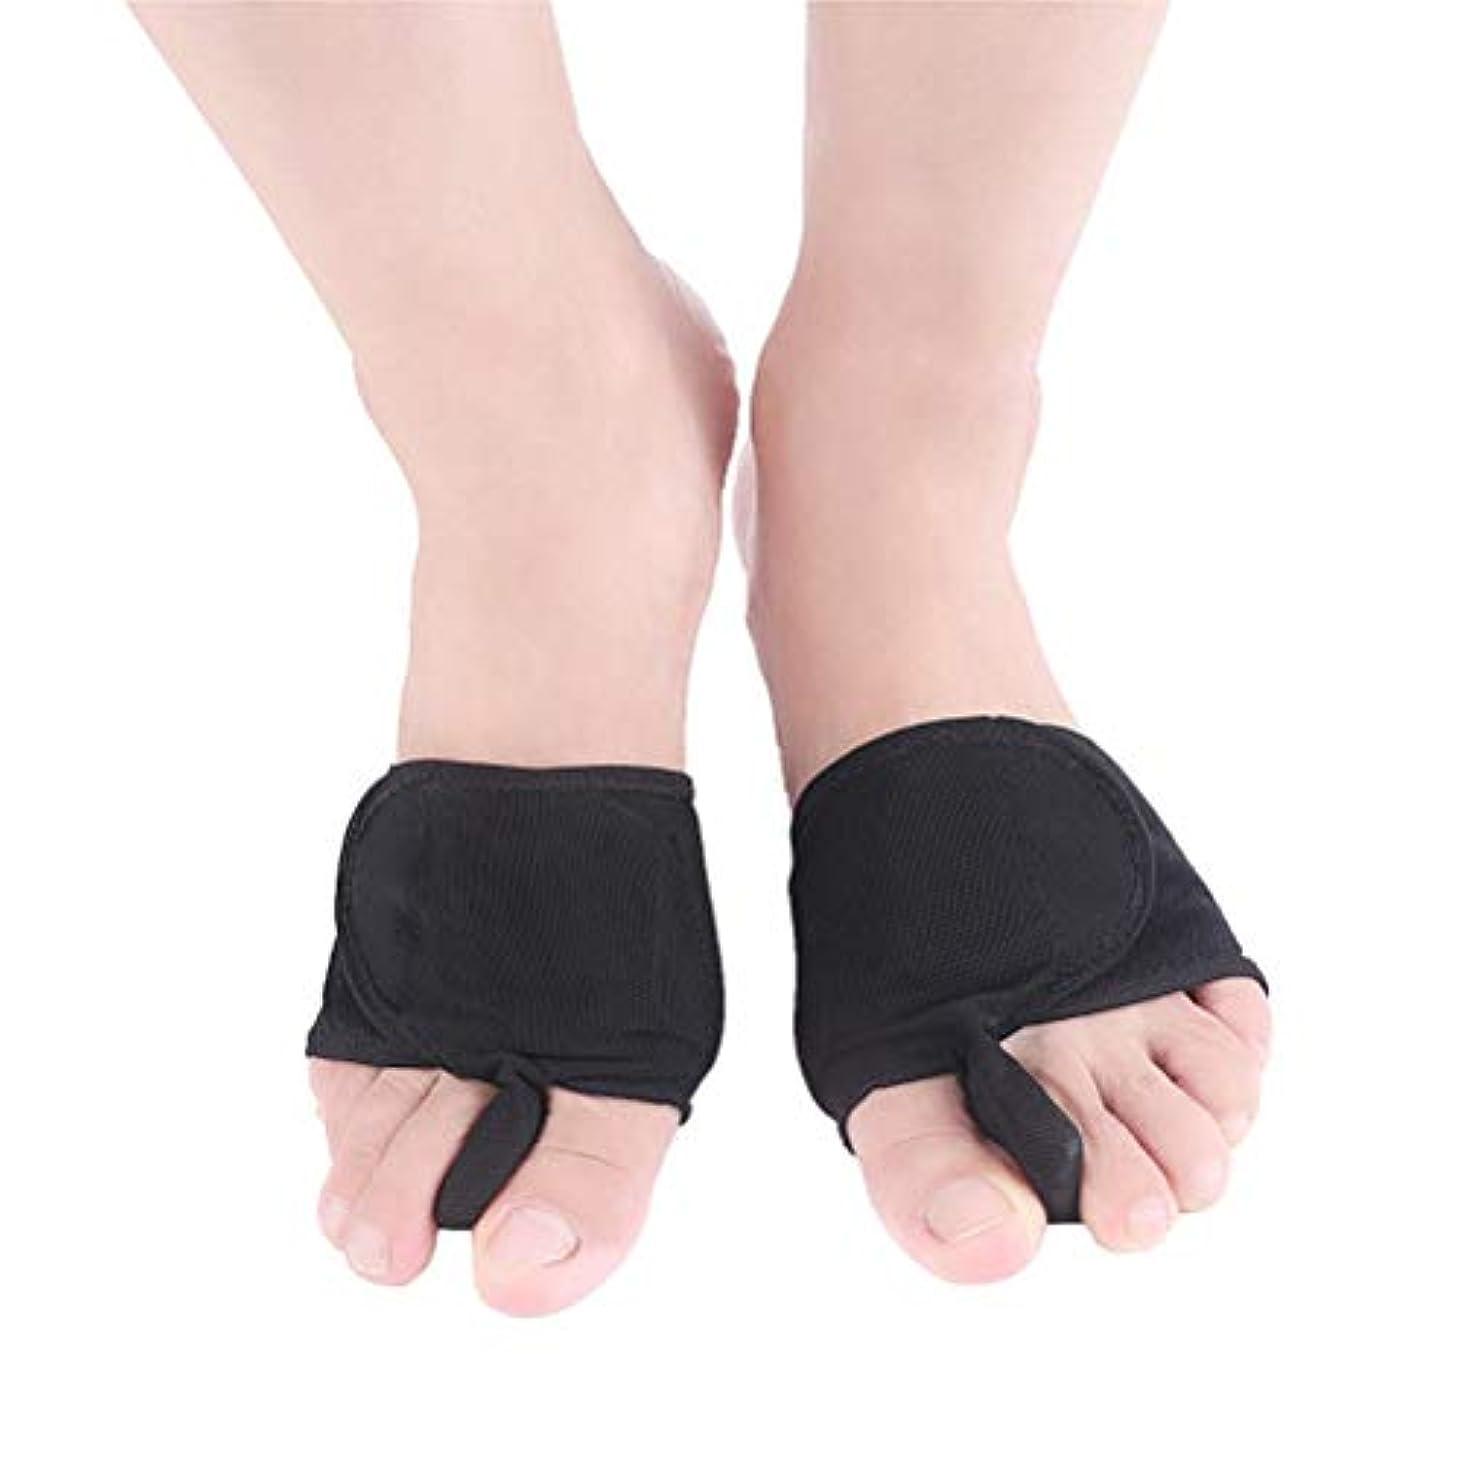 を通して一有彩色のSUPVOX 足指 パッド サポーター 外反母趾矯正 親指サポーター 外反母趾対策 男女兼用 2個(黒)